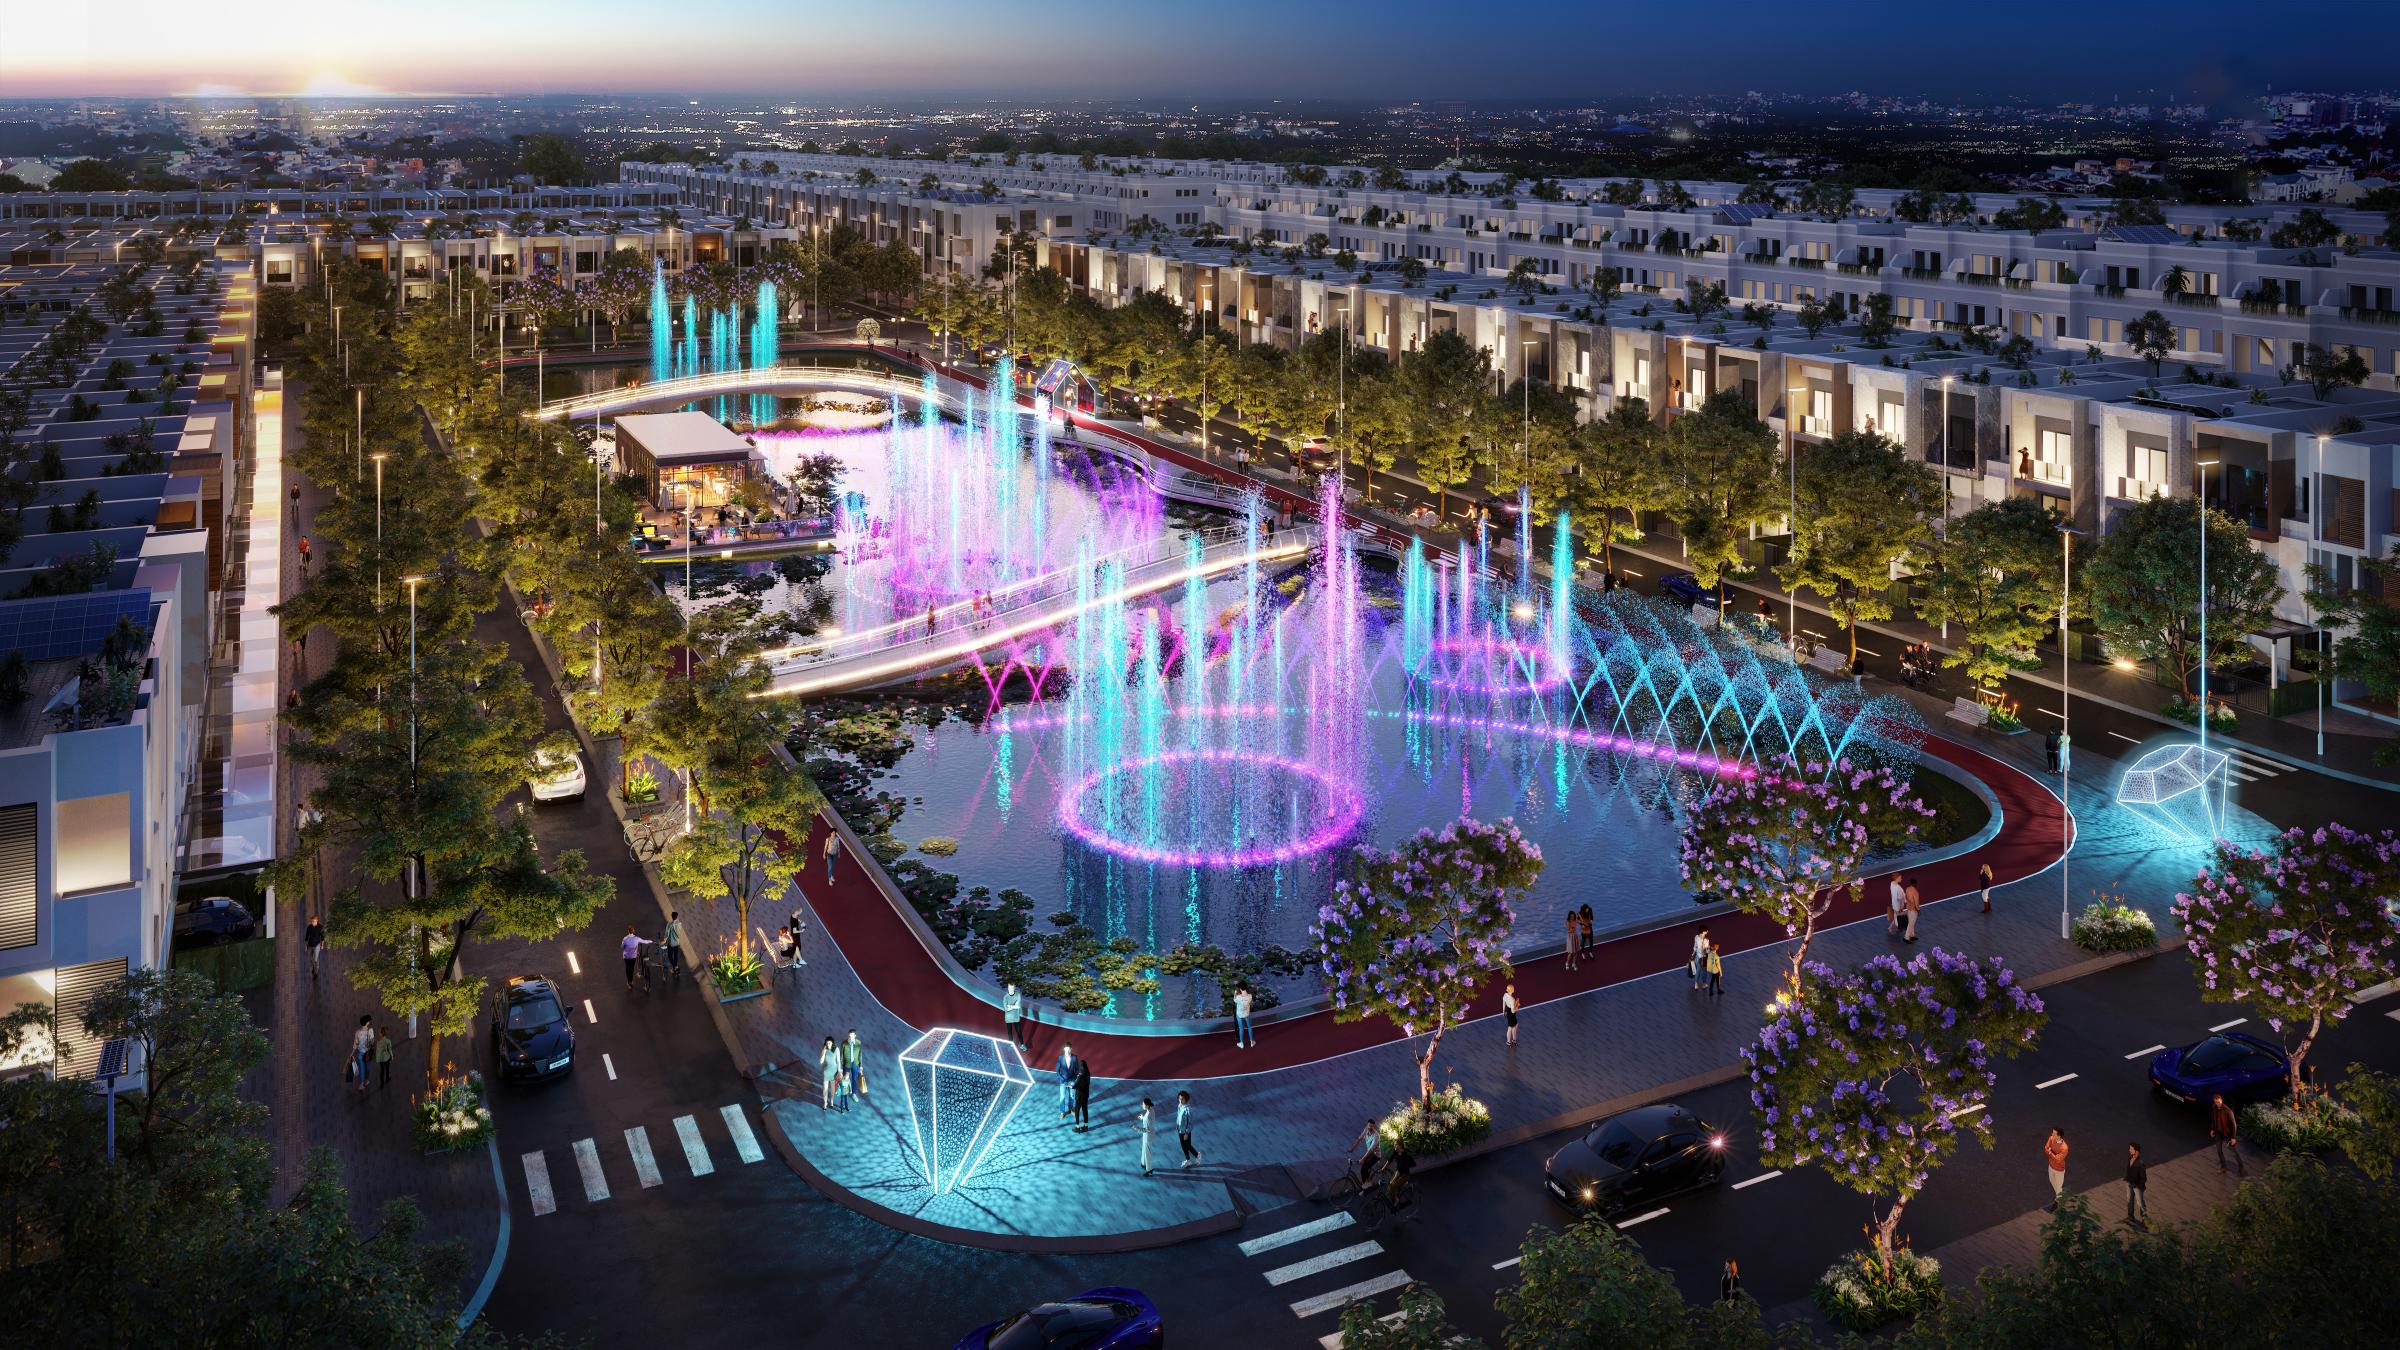 Stella Mega City với nhiều không gian xanh và hệ sinh thái tiện ích hướng đến chăm sóc sức khỏe cho cư dân. Ảnh: KITA Group.